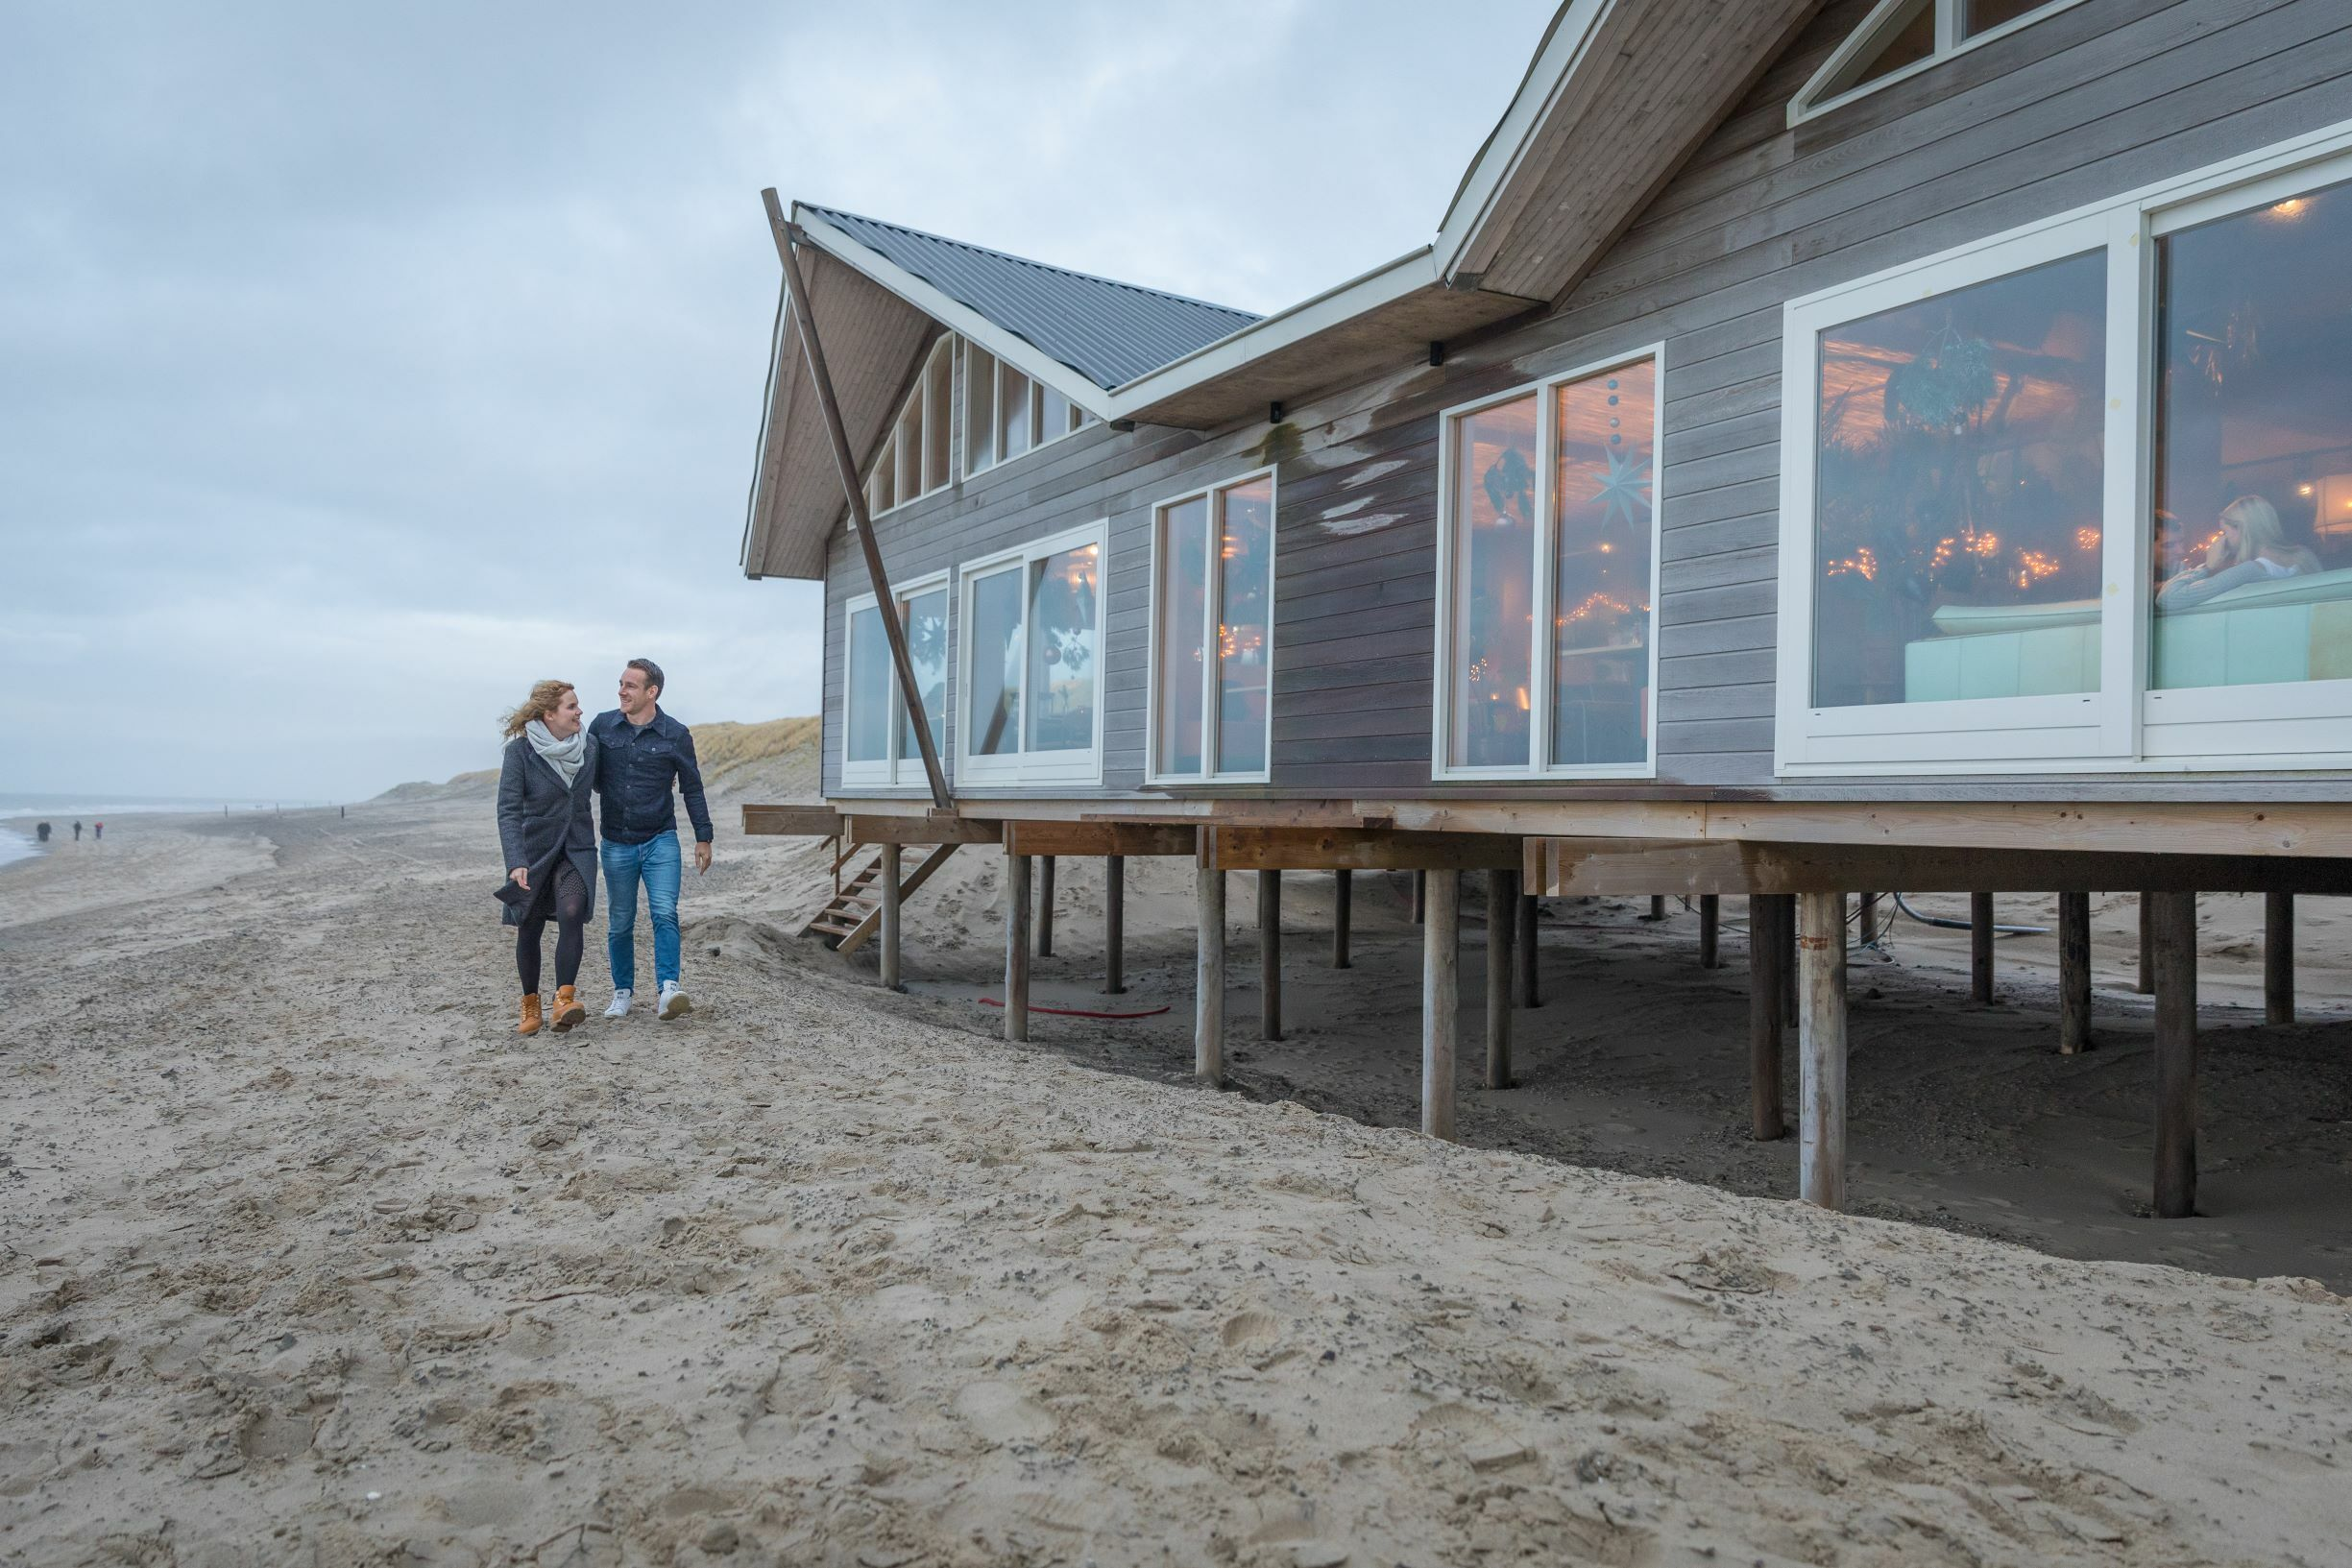 Strandpaviljoen geopend in de winter VVV Texel fotograaf Evalien Weterings